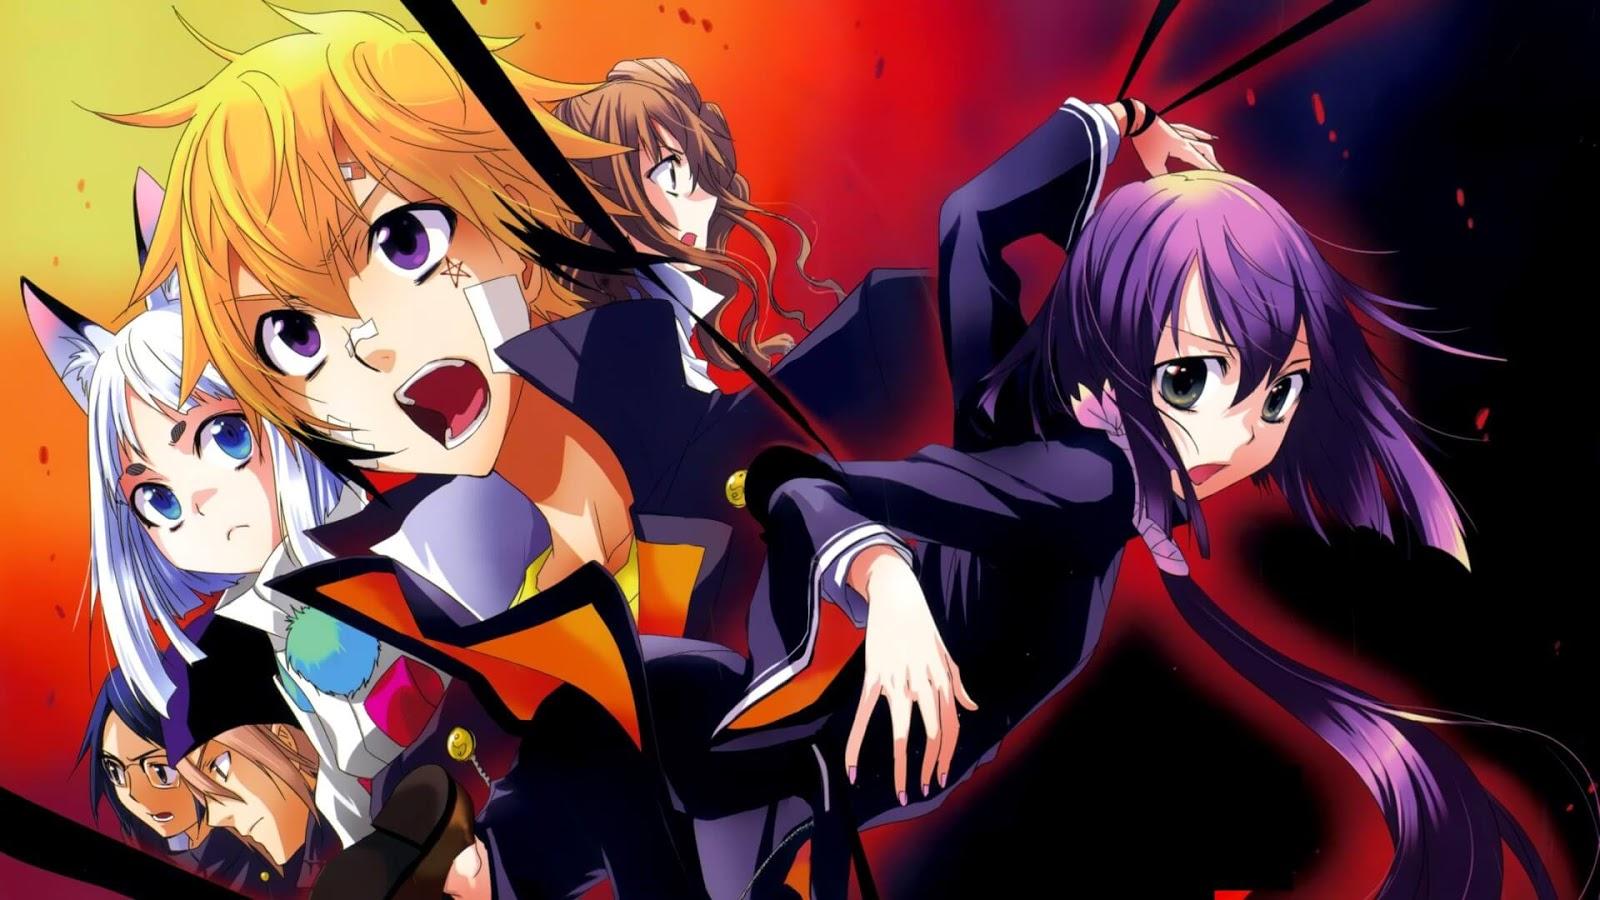 جميع حلقات انمى Tokyo Ravens بلوراي BluRay مترجم أونلاين كامل تحميل و مشاهدة